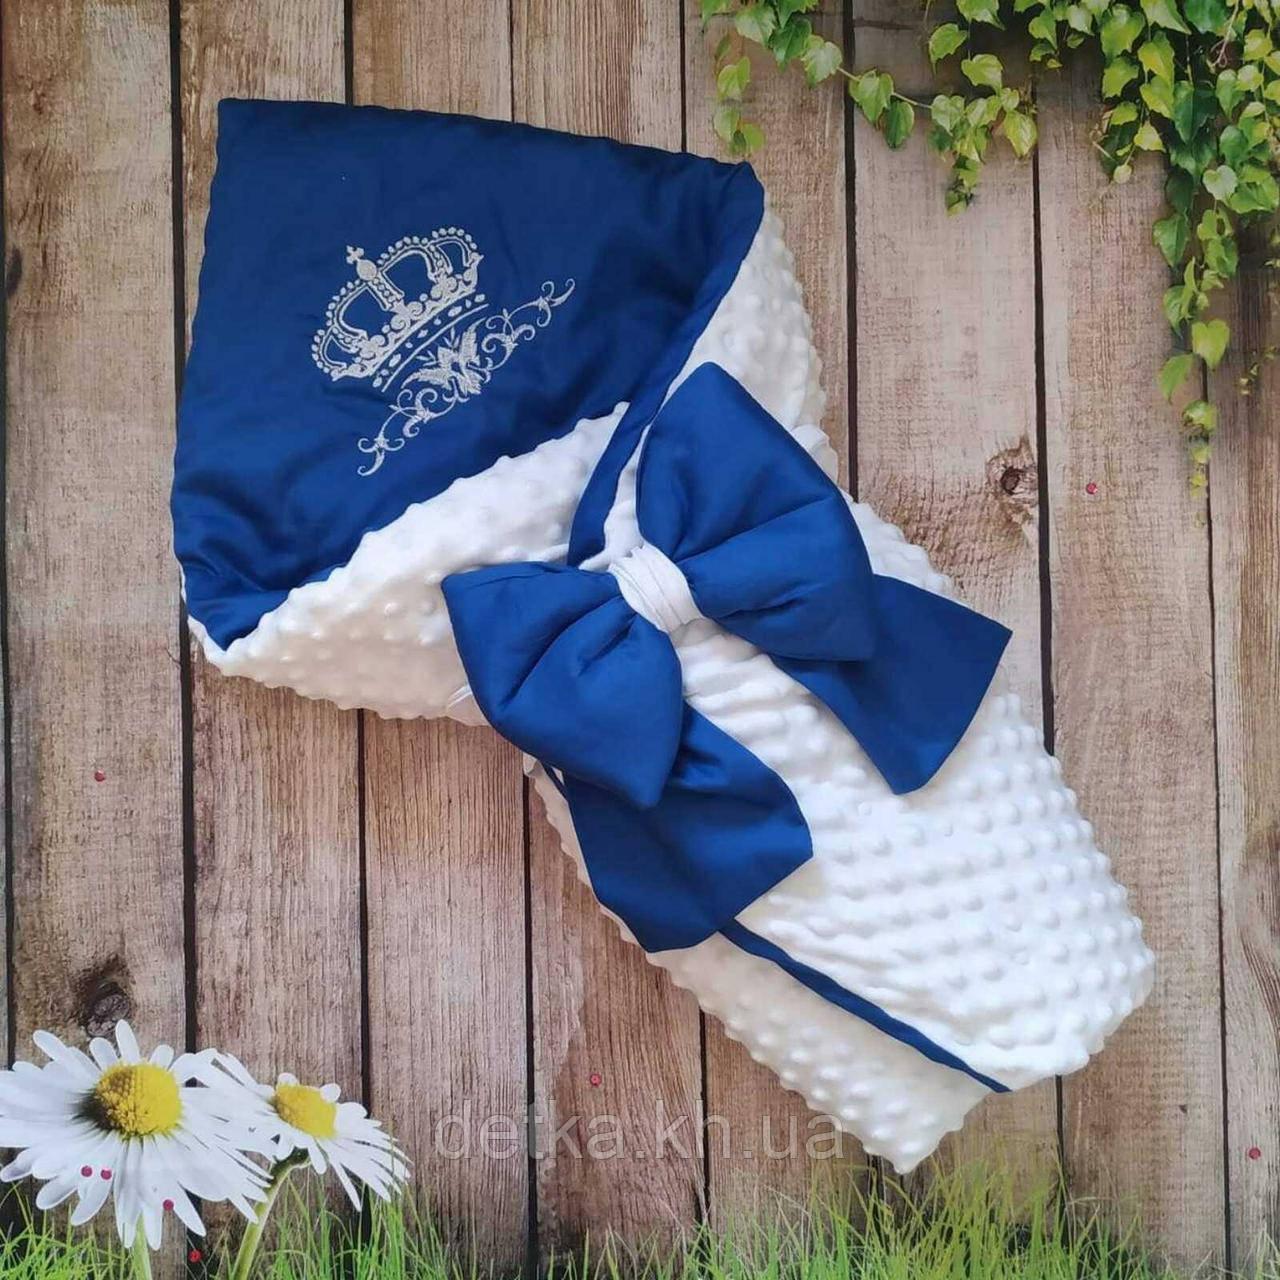 Конверт- одеяло для новорожденного весна/лето/осень